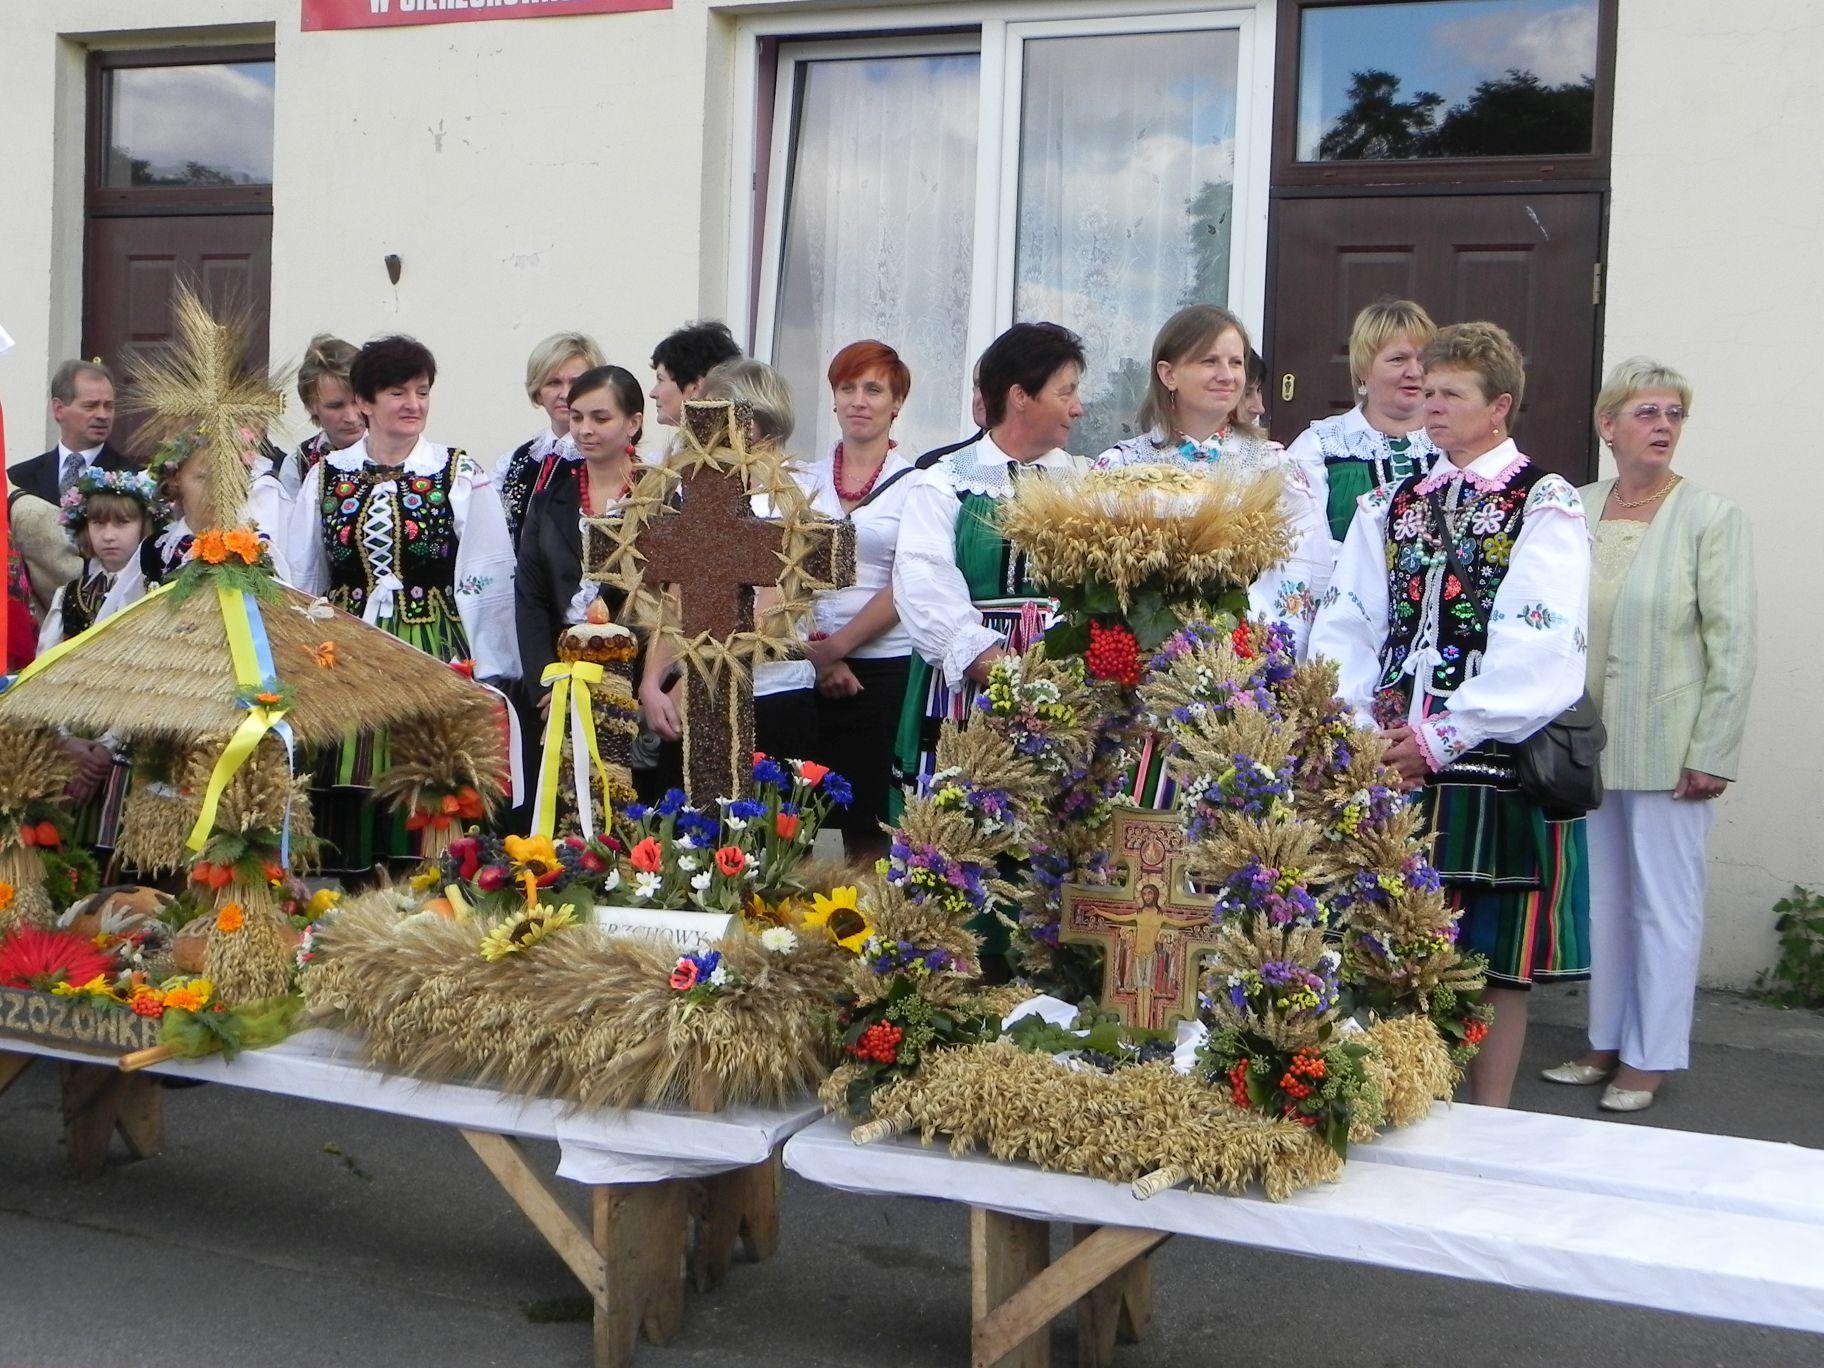 2012-09-09 Sierzchowy - dożynki (23)